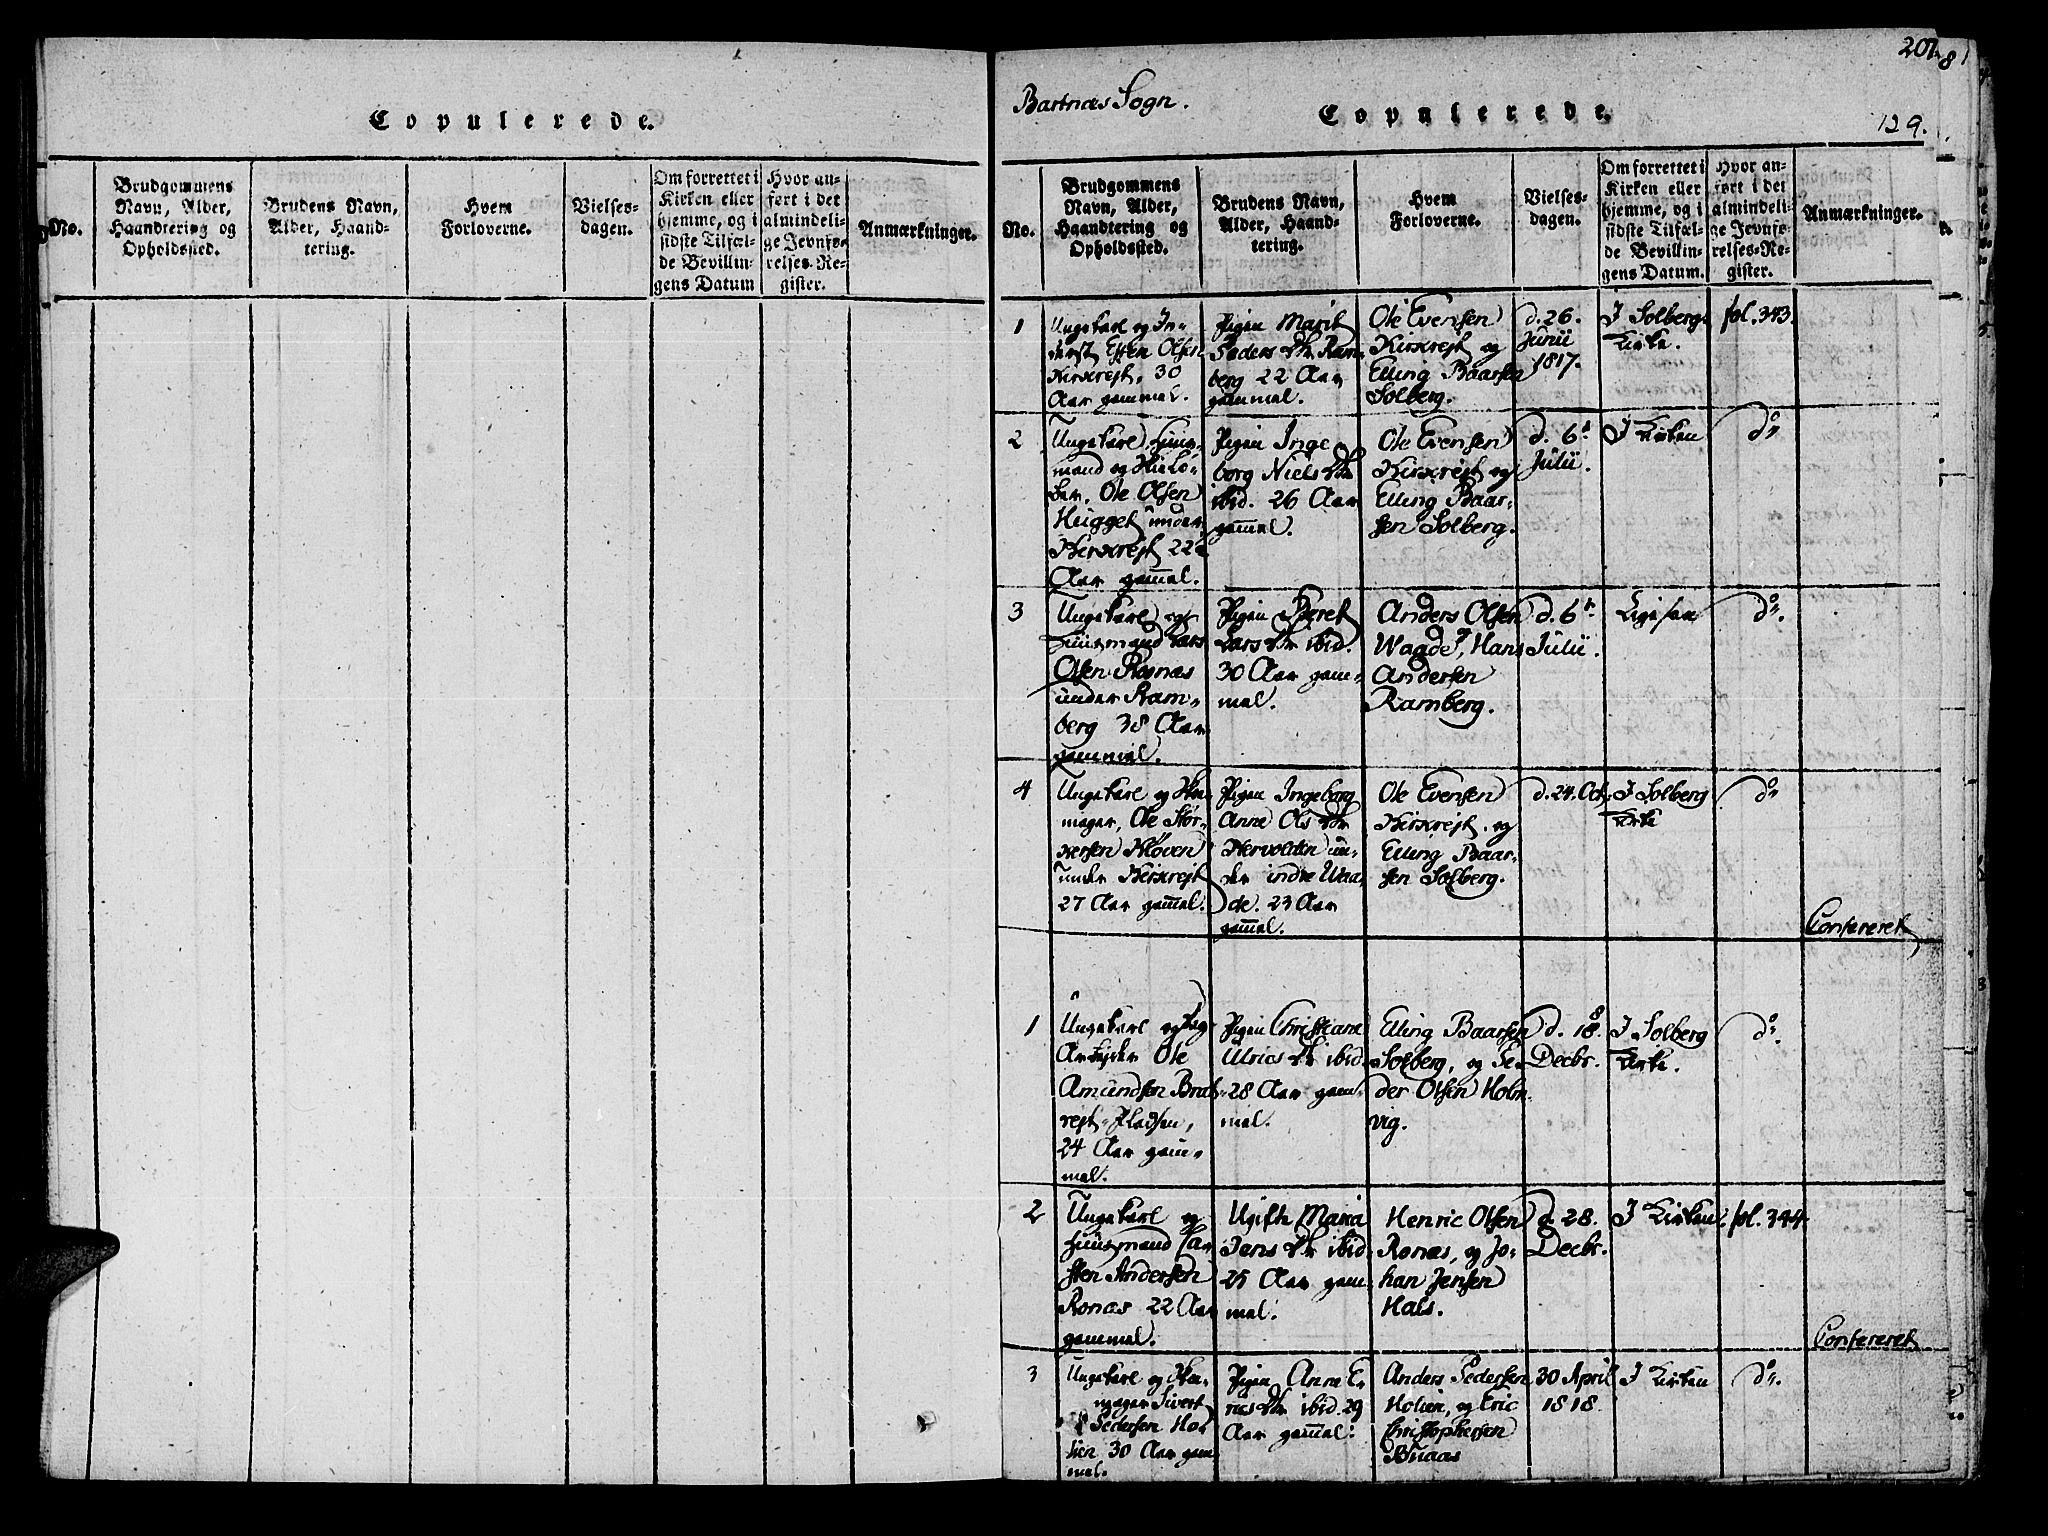 SAT, Ministerialprotokoller, klokkerbøker og fødselsregistre - Nord-Trøndelag, 741/L0387: Ministerialbok nr. 741A03 /2, 1817-1822, s. 129